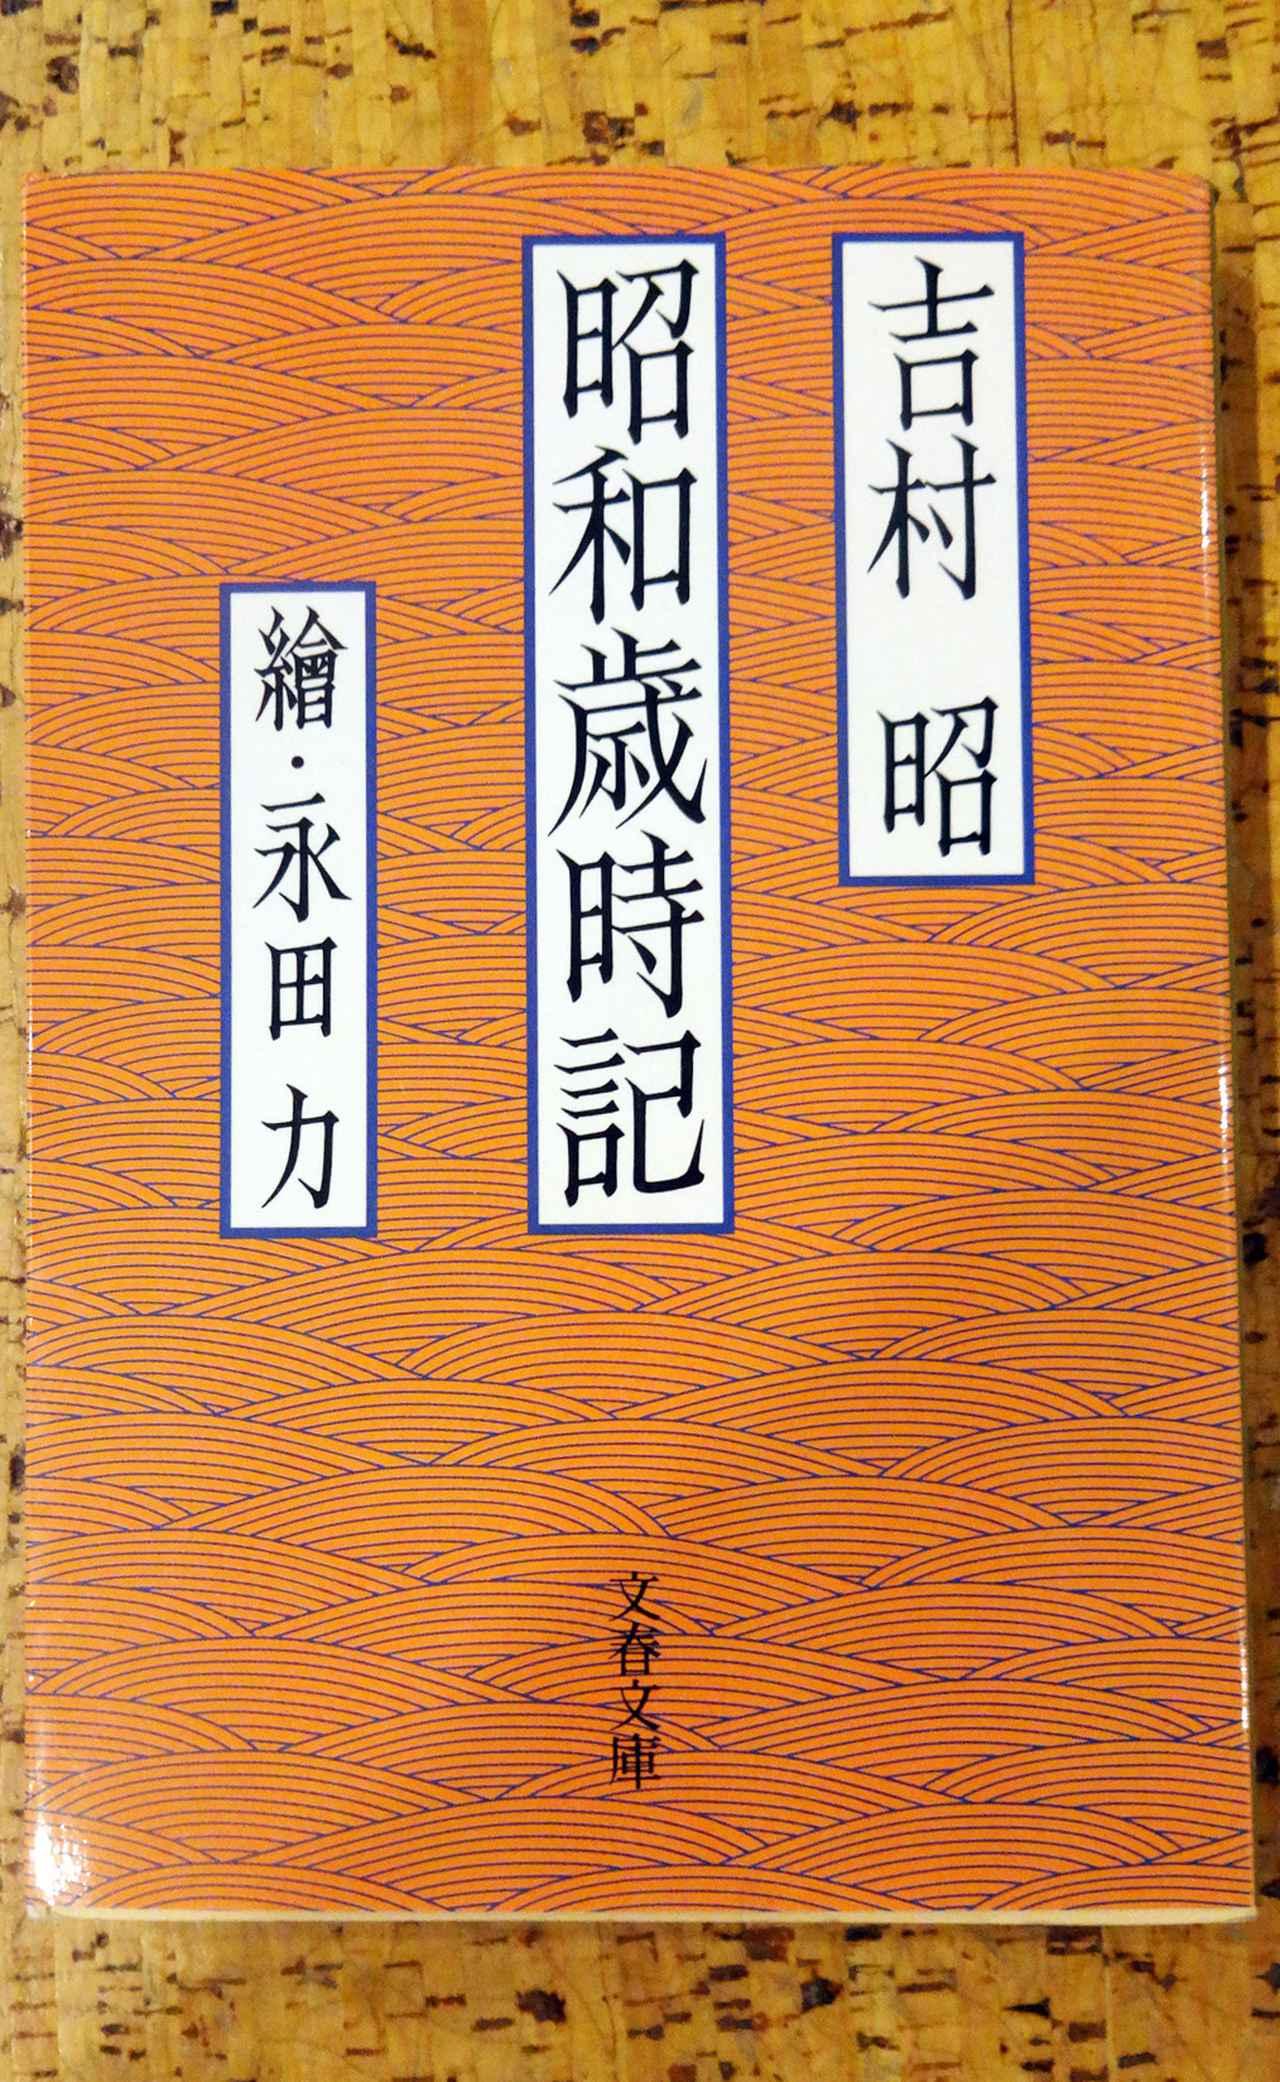 画像2: 永遠の図書室通信 第33話「著者 吉村昭」